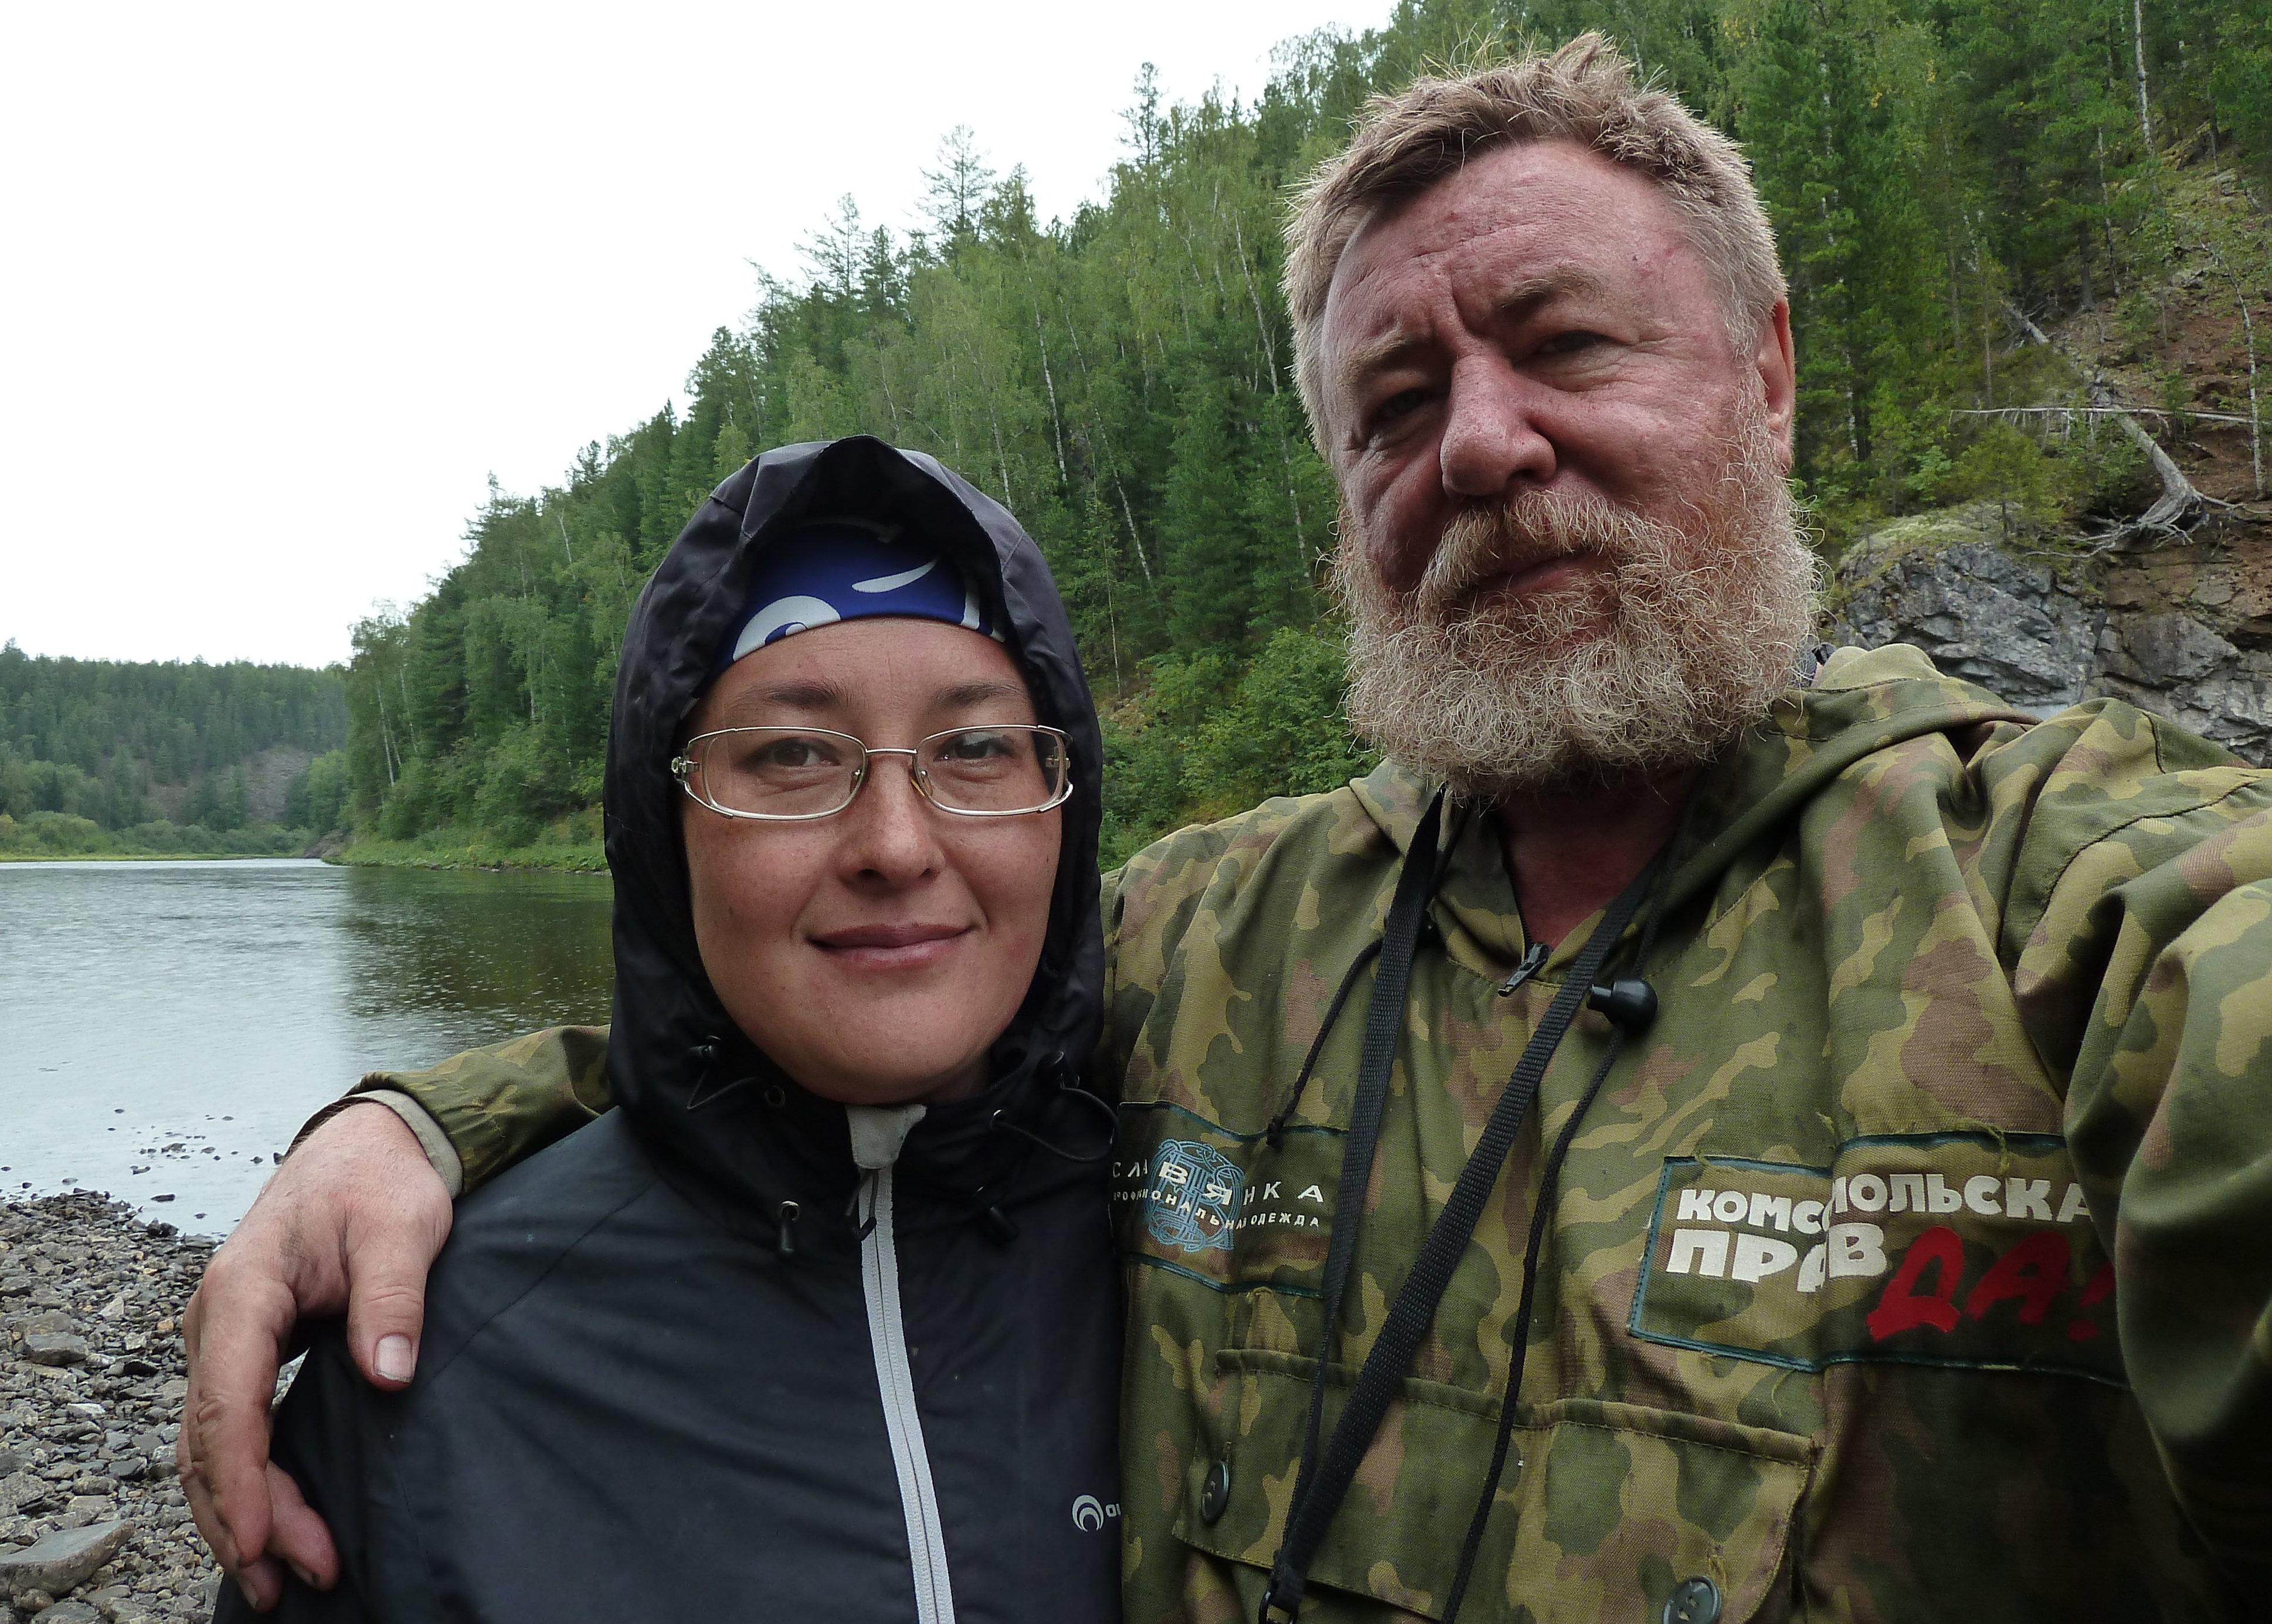 los periodistas Nikolái Varségov y su esposa Natalia, que compartió los detalles de la investigación del caso, su experiencia personal y también sus impresiones sobre la misteriosa y fría taiga rusa